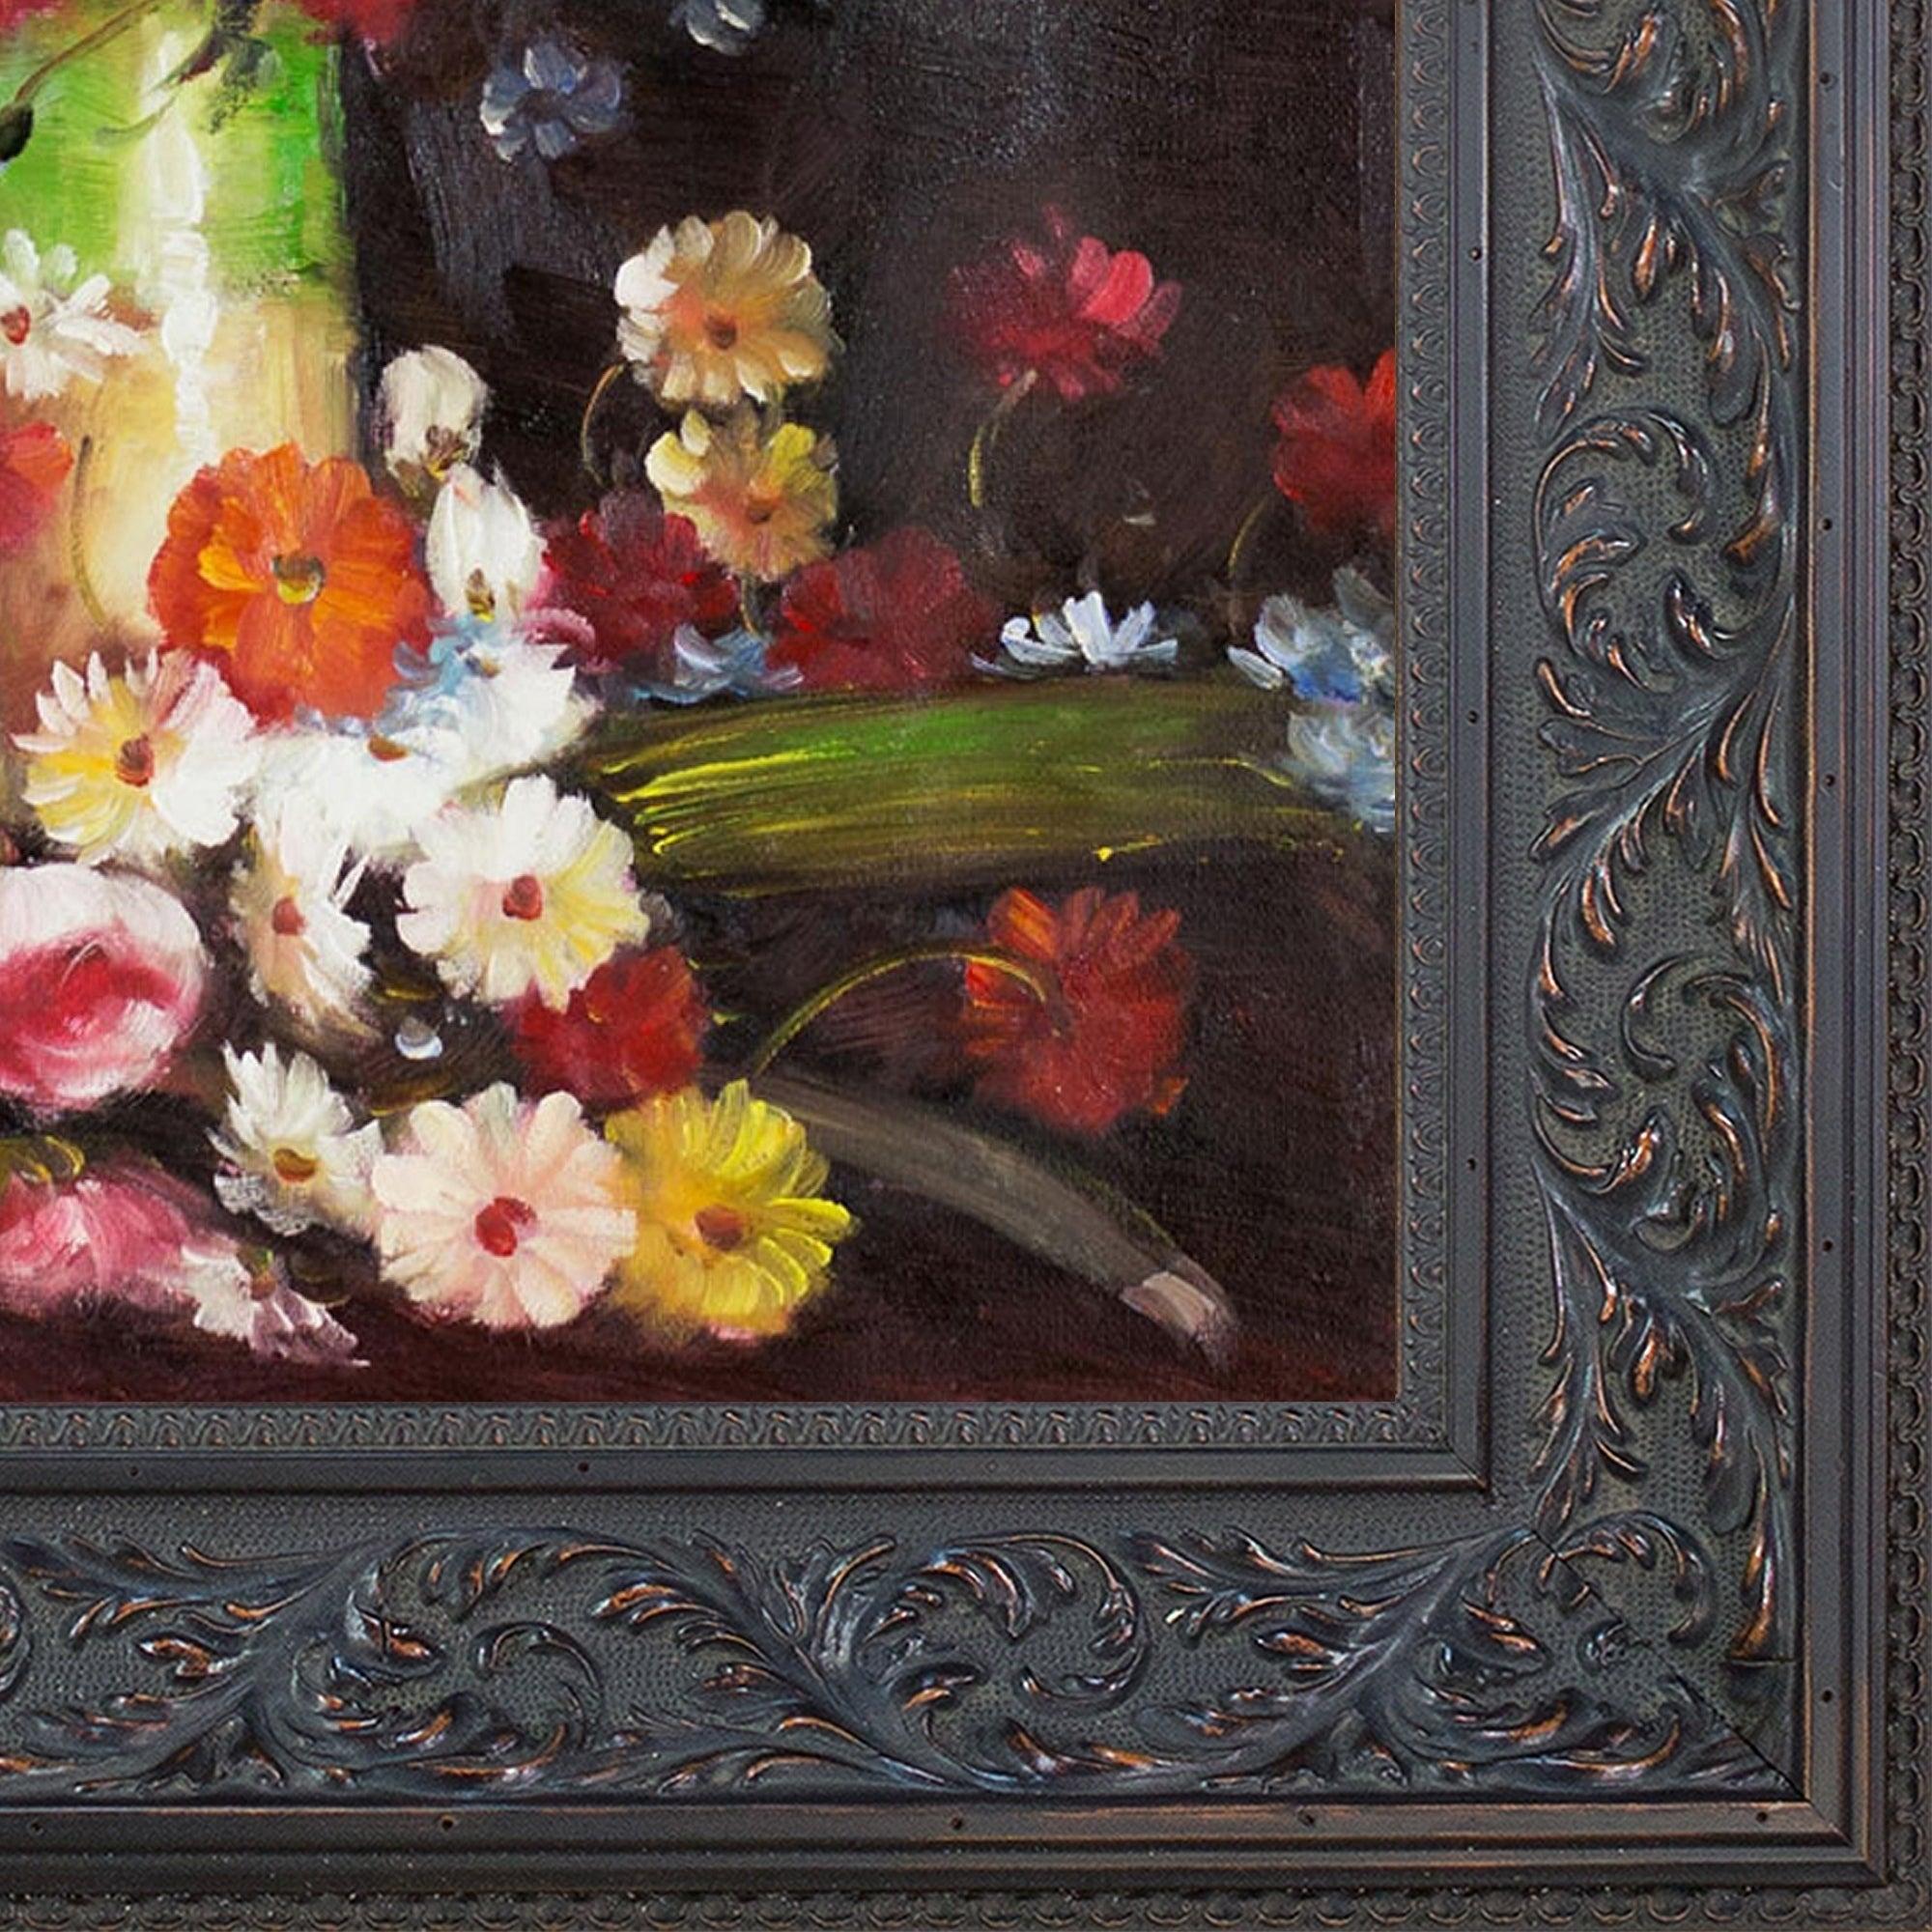 VASE WITH POPPIES DAISIES CORNFLOWERS PEONIES FLOWERS PAINTING BY VAN GOGH REPRO